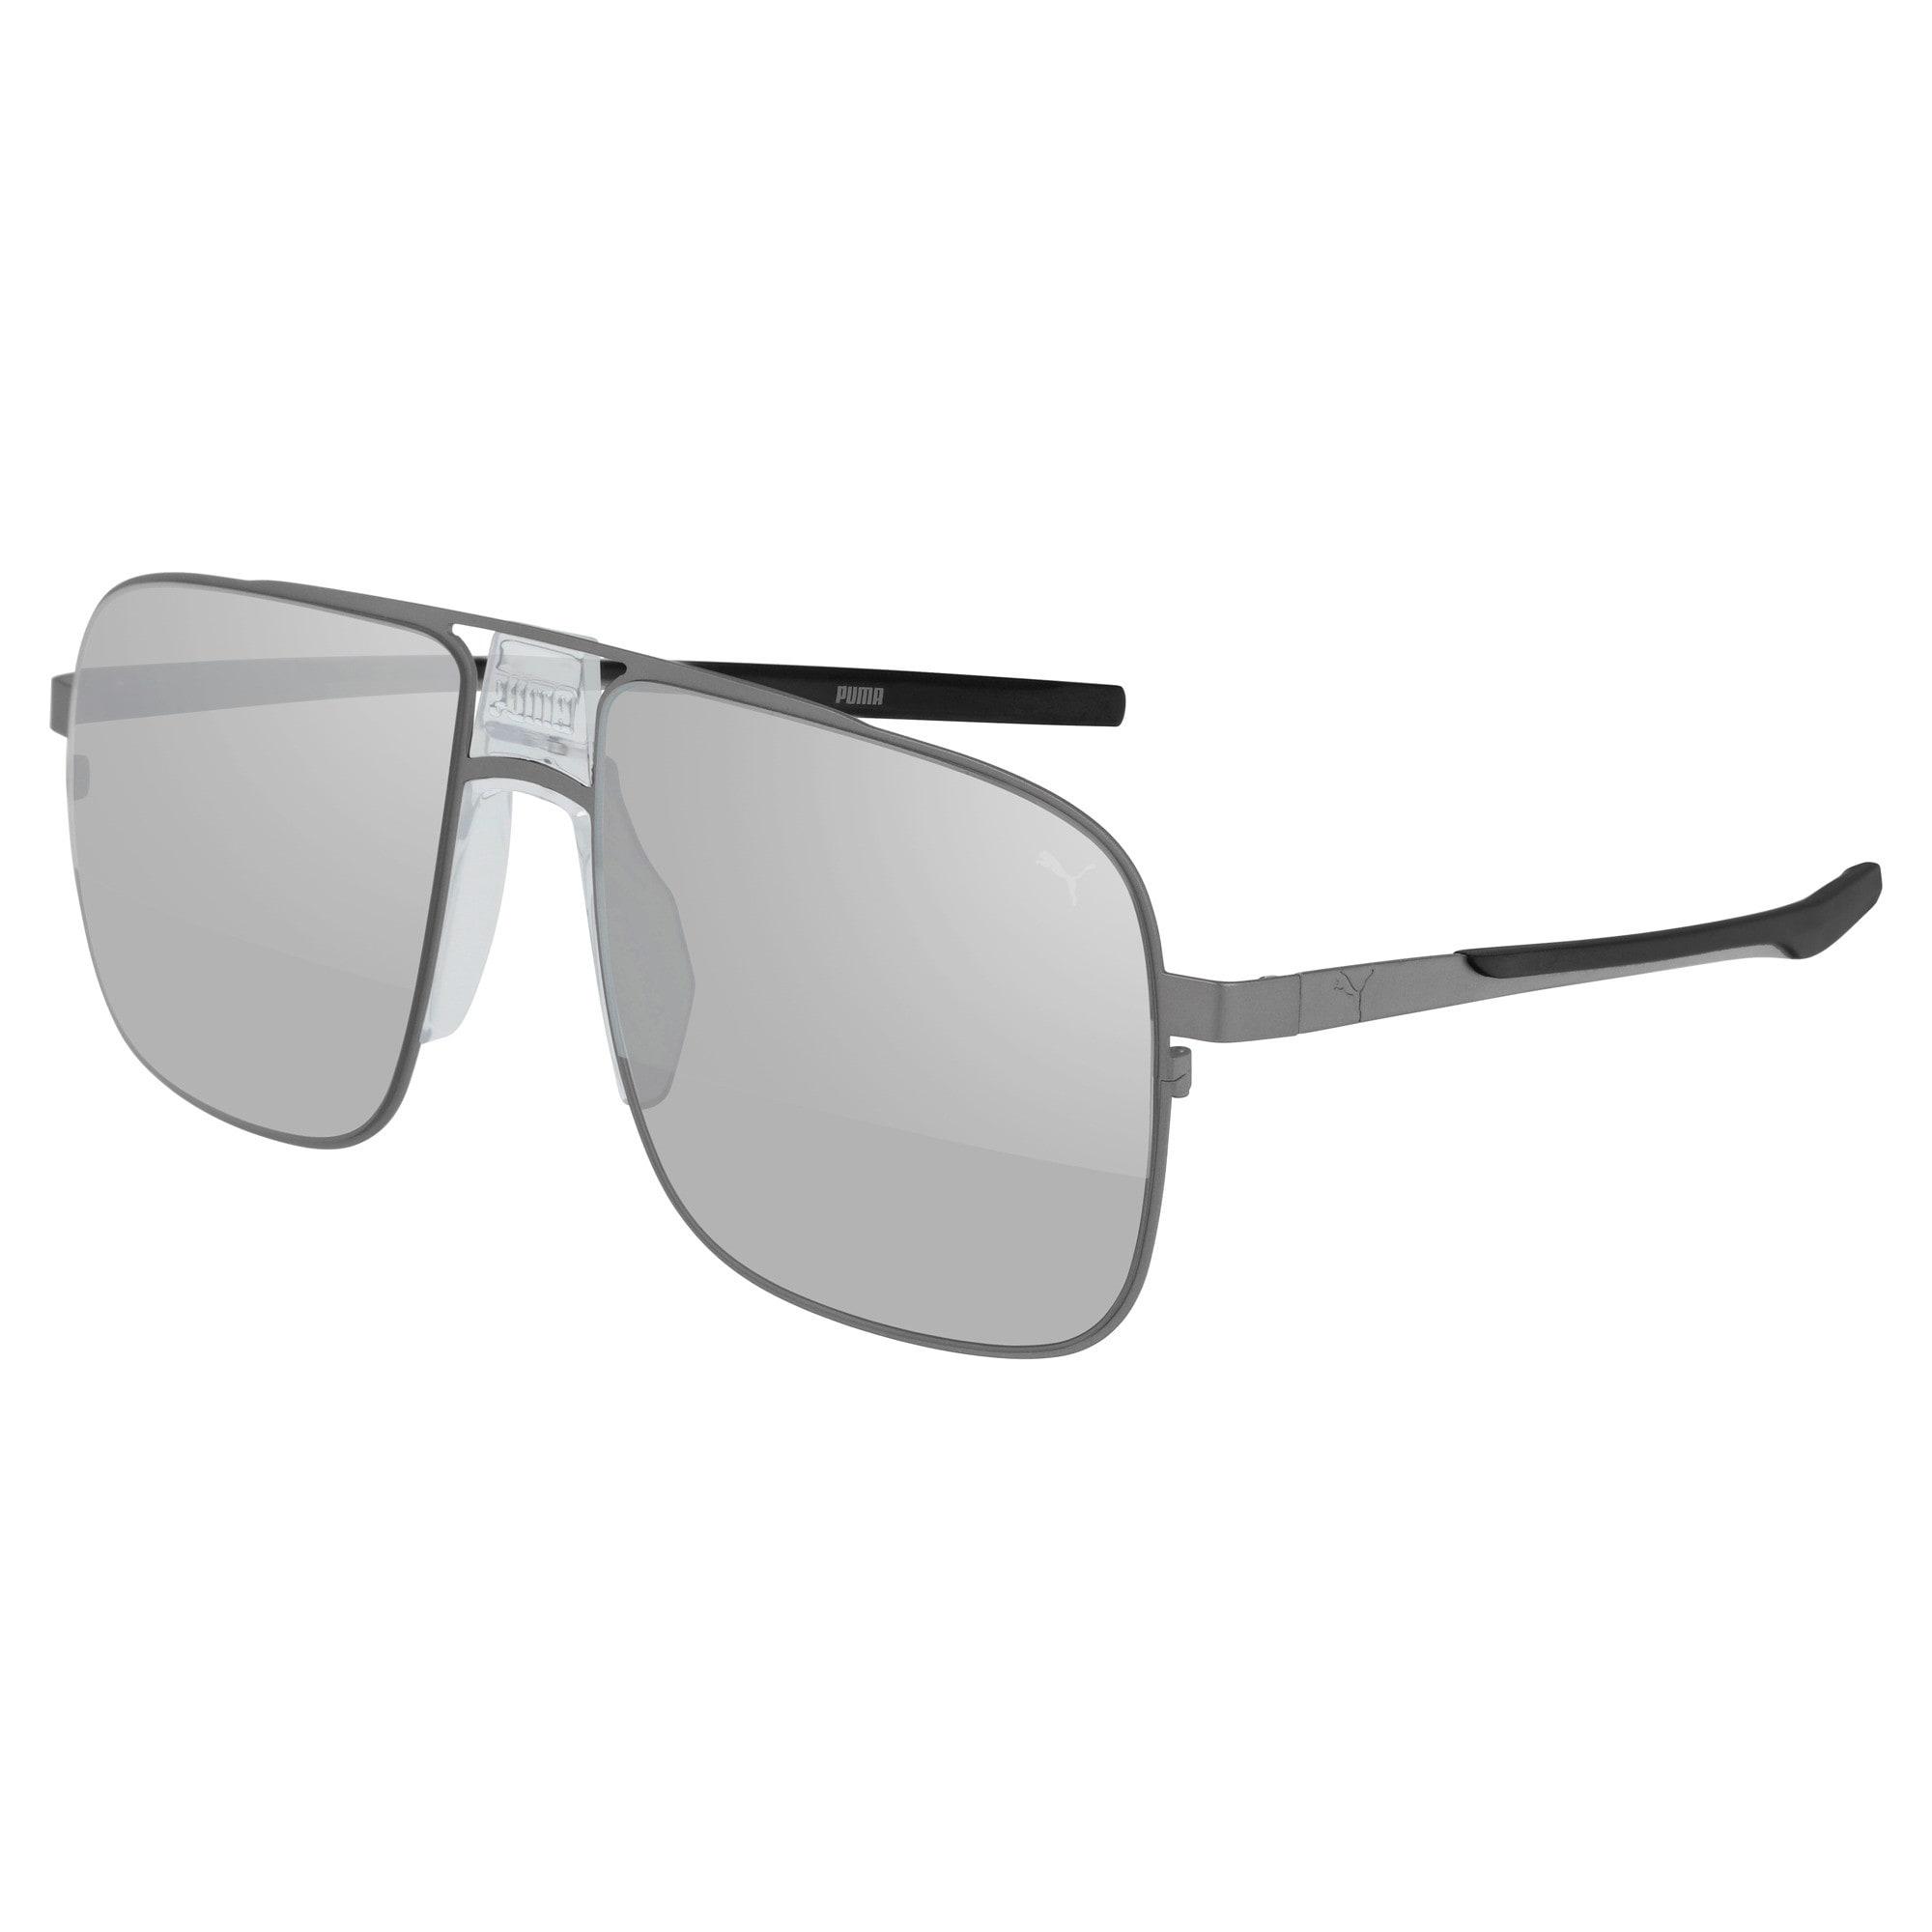 Zonnebril voor Heren, Zilver | PUMA